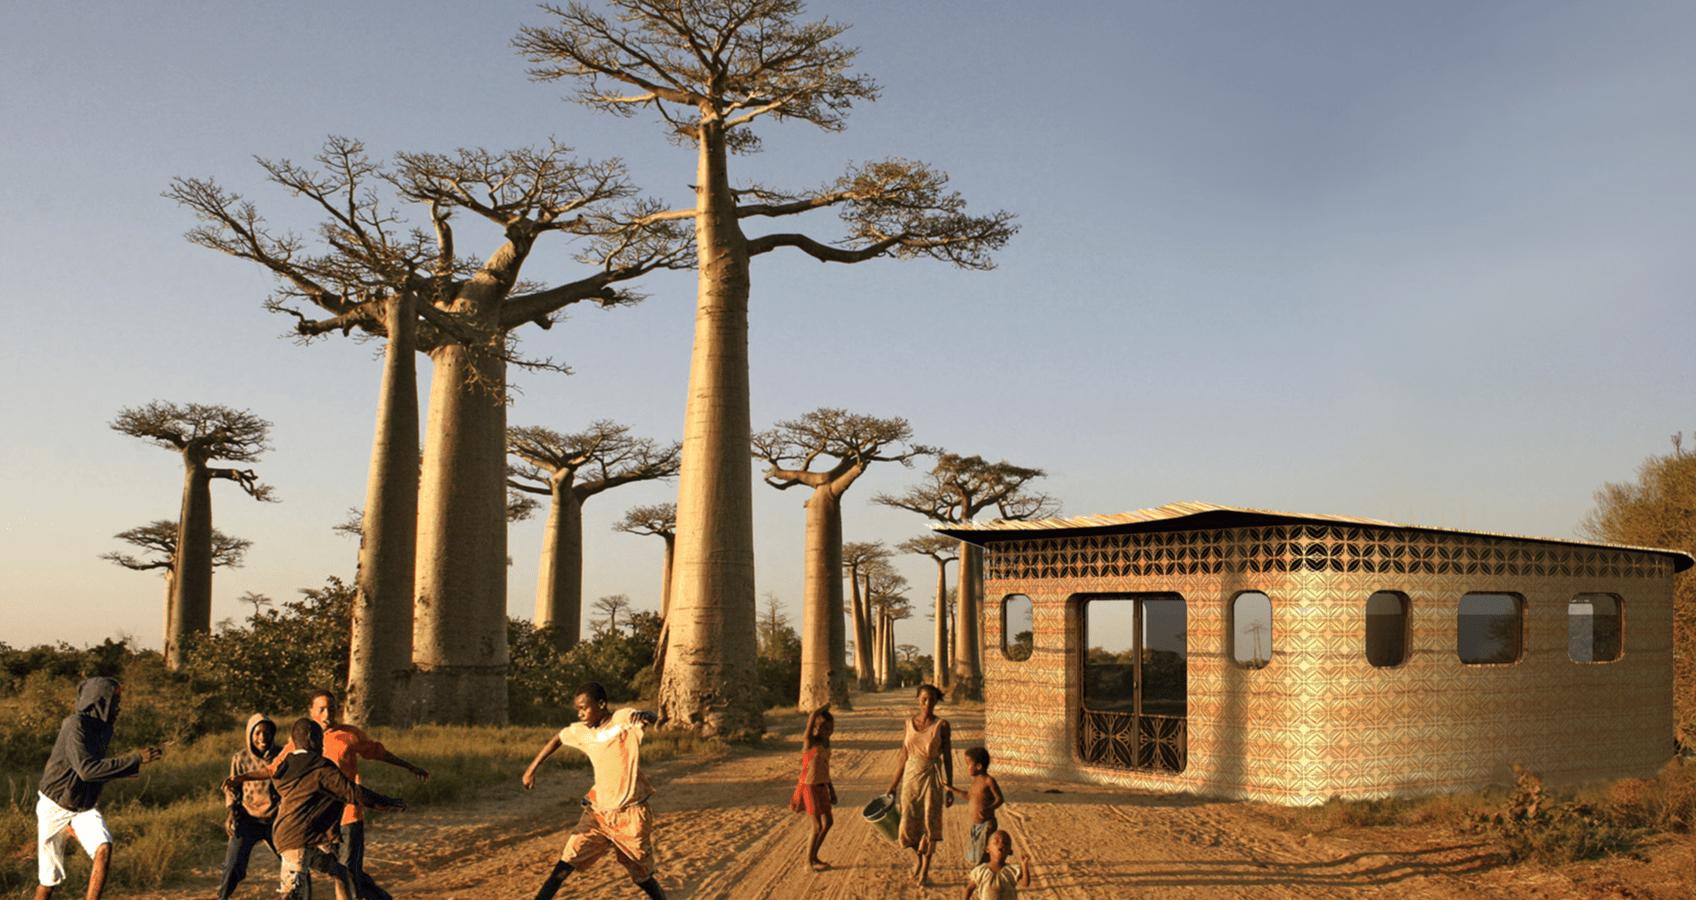 教育のアクセス拡大を加速する、マダガスカル発3Dプリンター製の学校